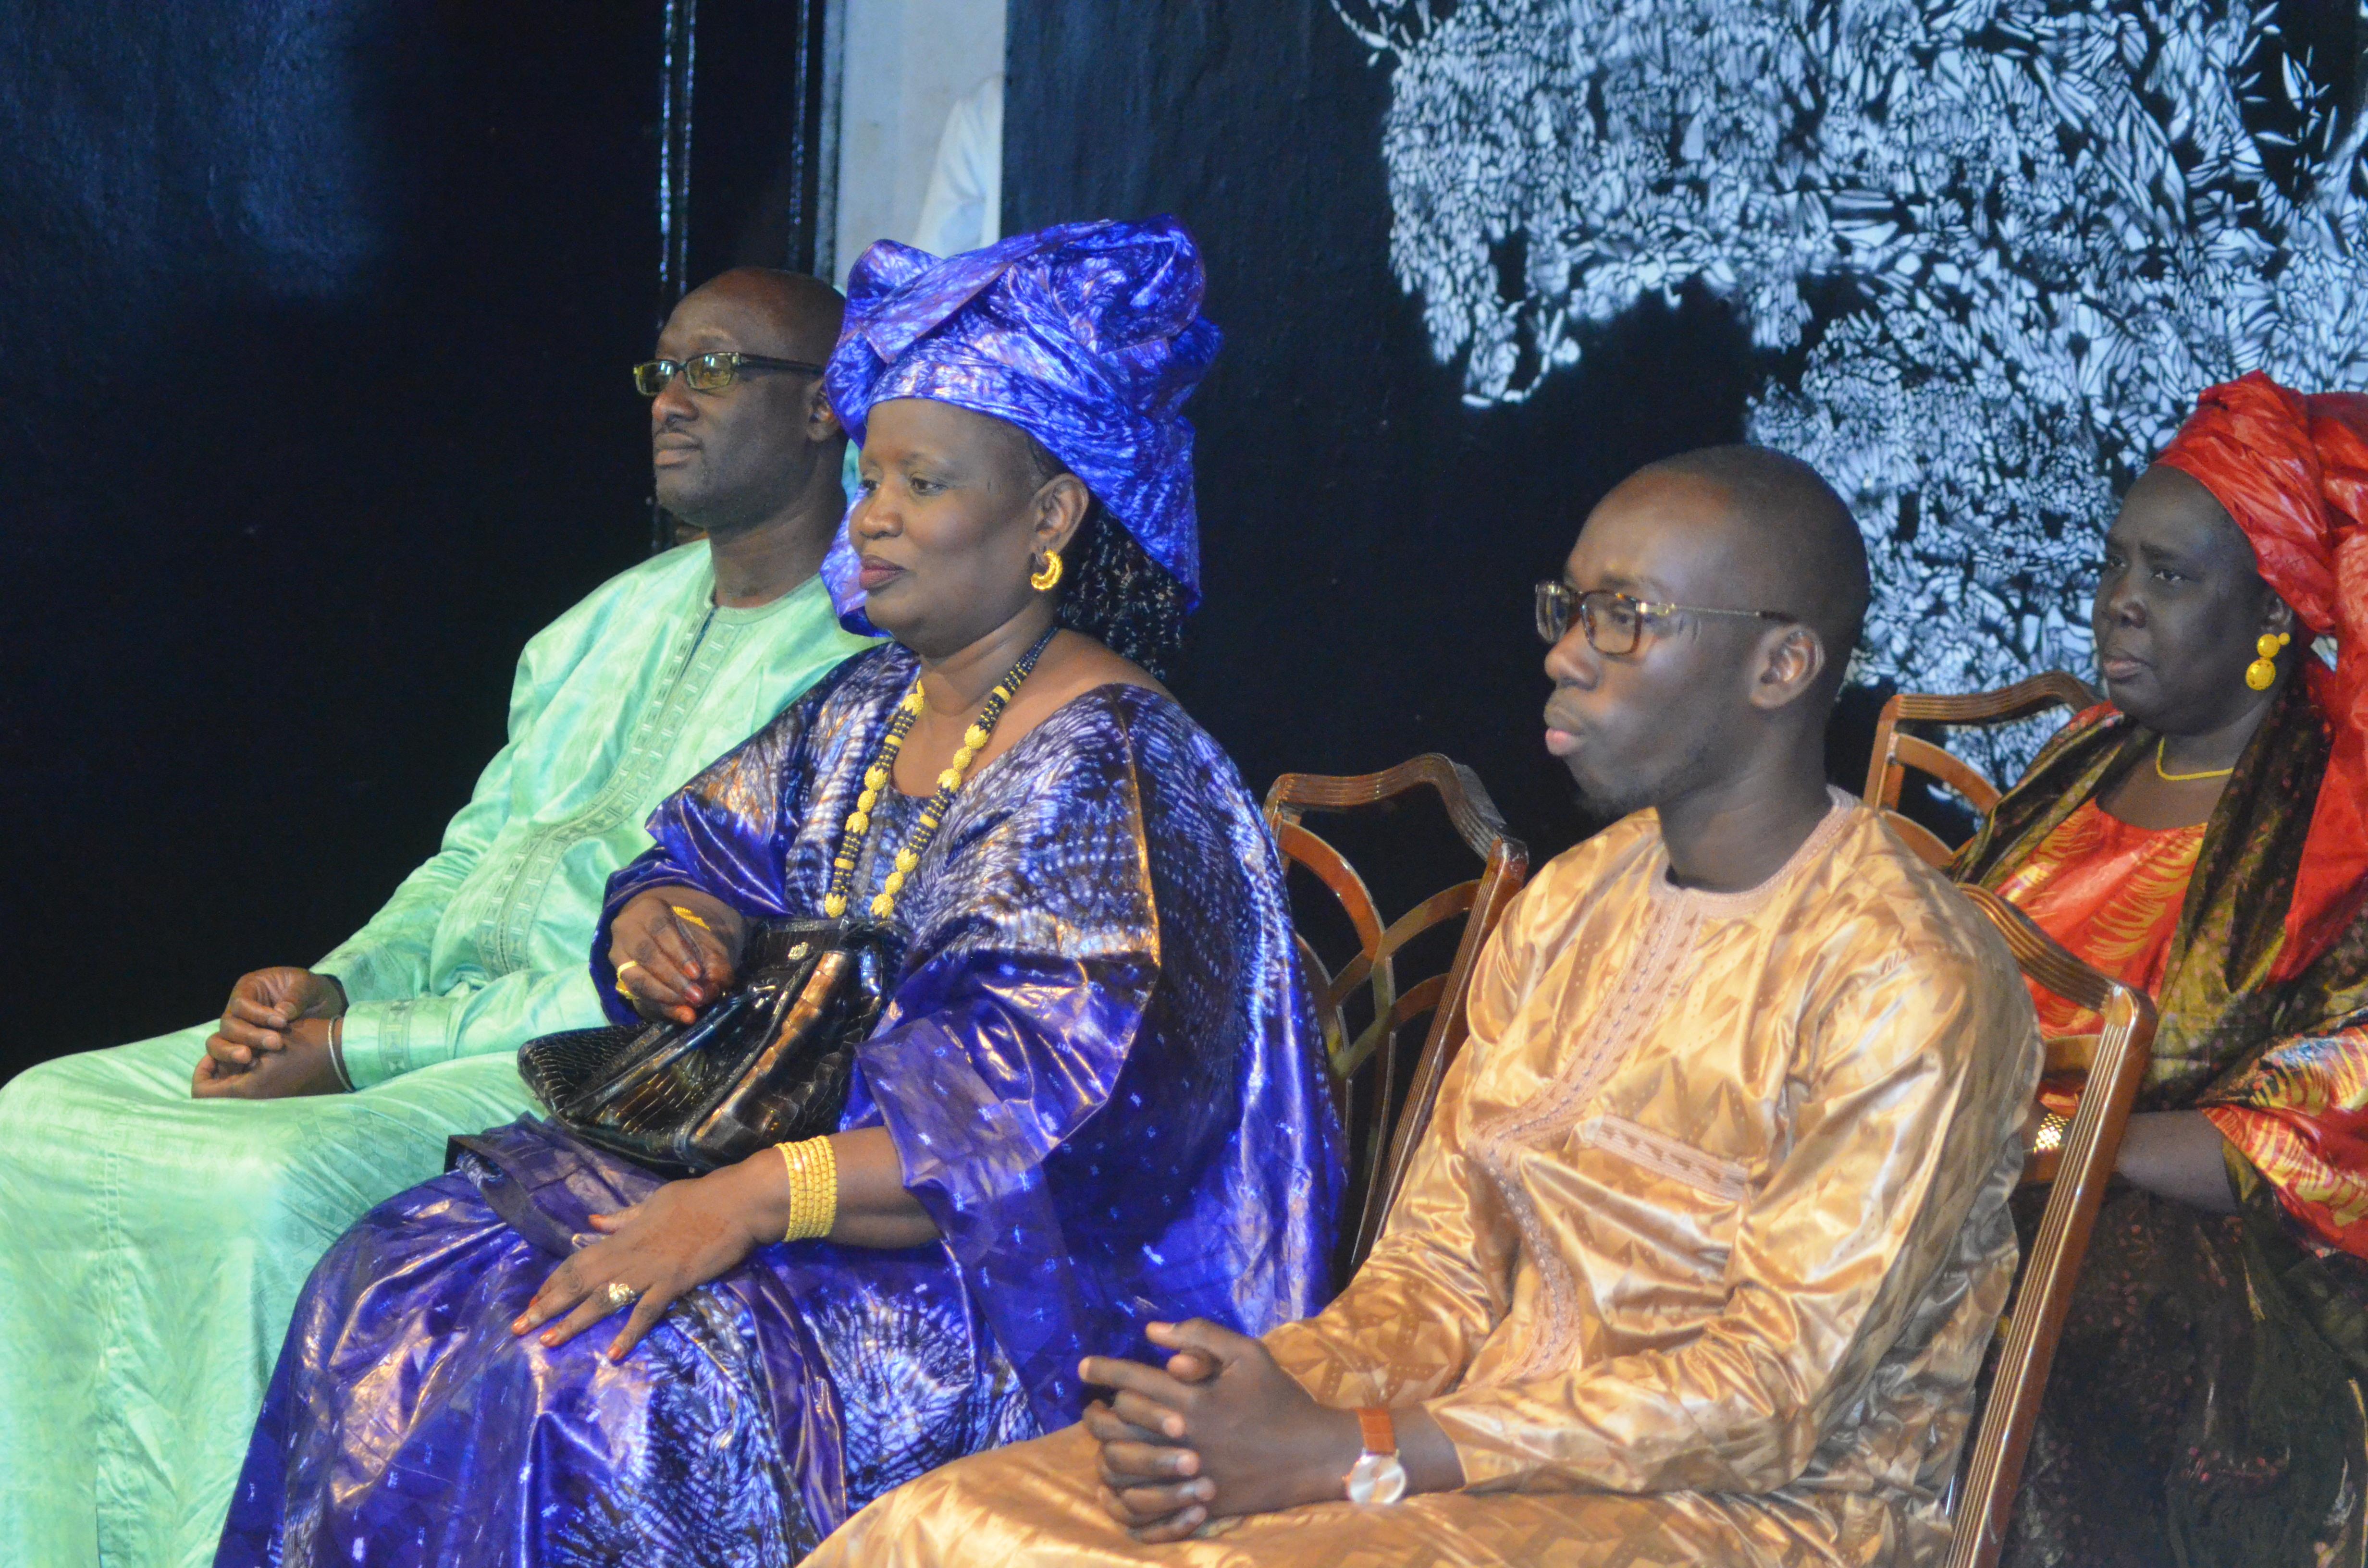 Première Edition soirée culturelle de l'Association Boyinadji Ma fierté de Bokidiawé, le parrain Bocar Abdoulaye Ly appelle à l'union des cœurs (17)